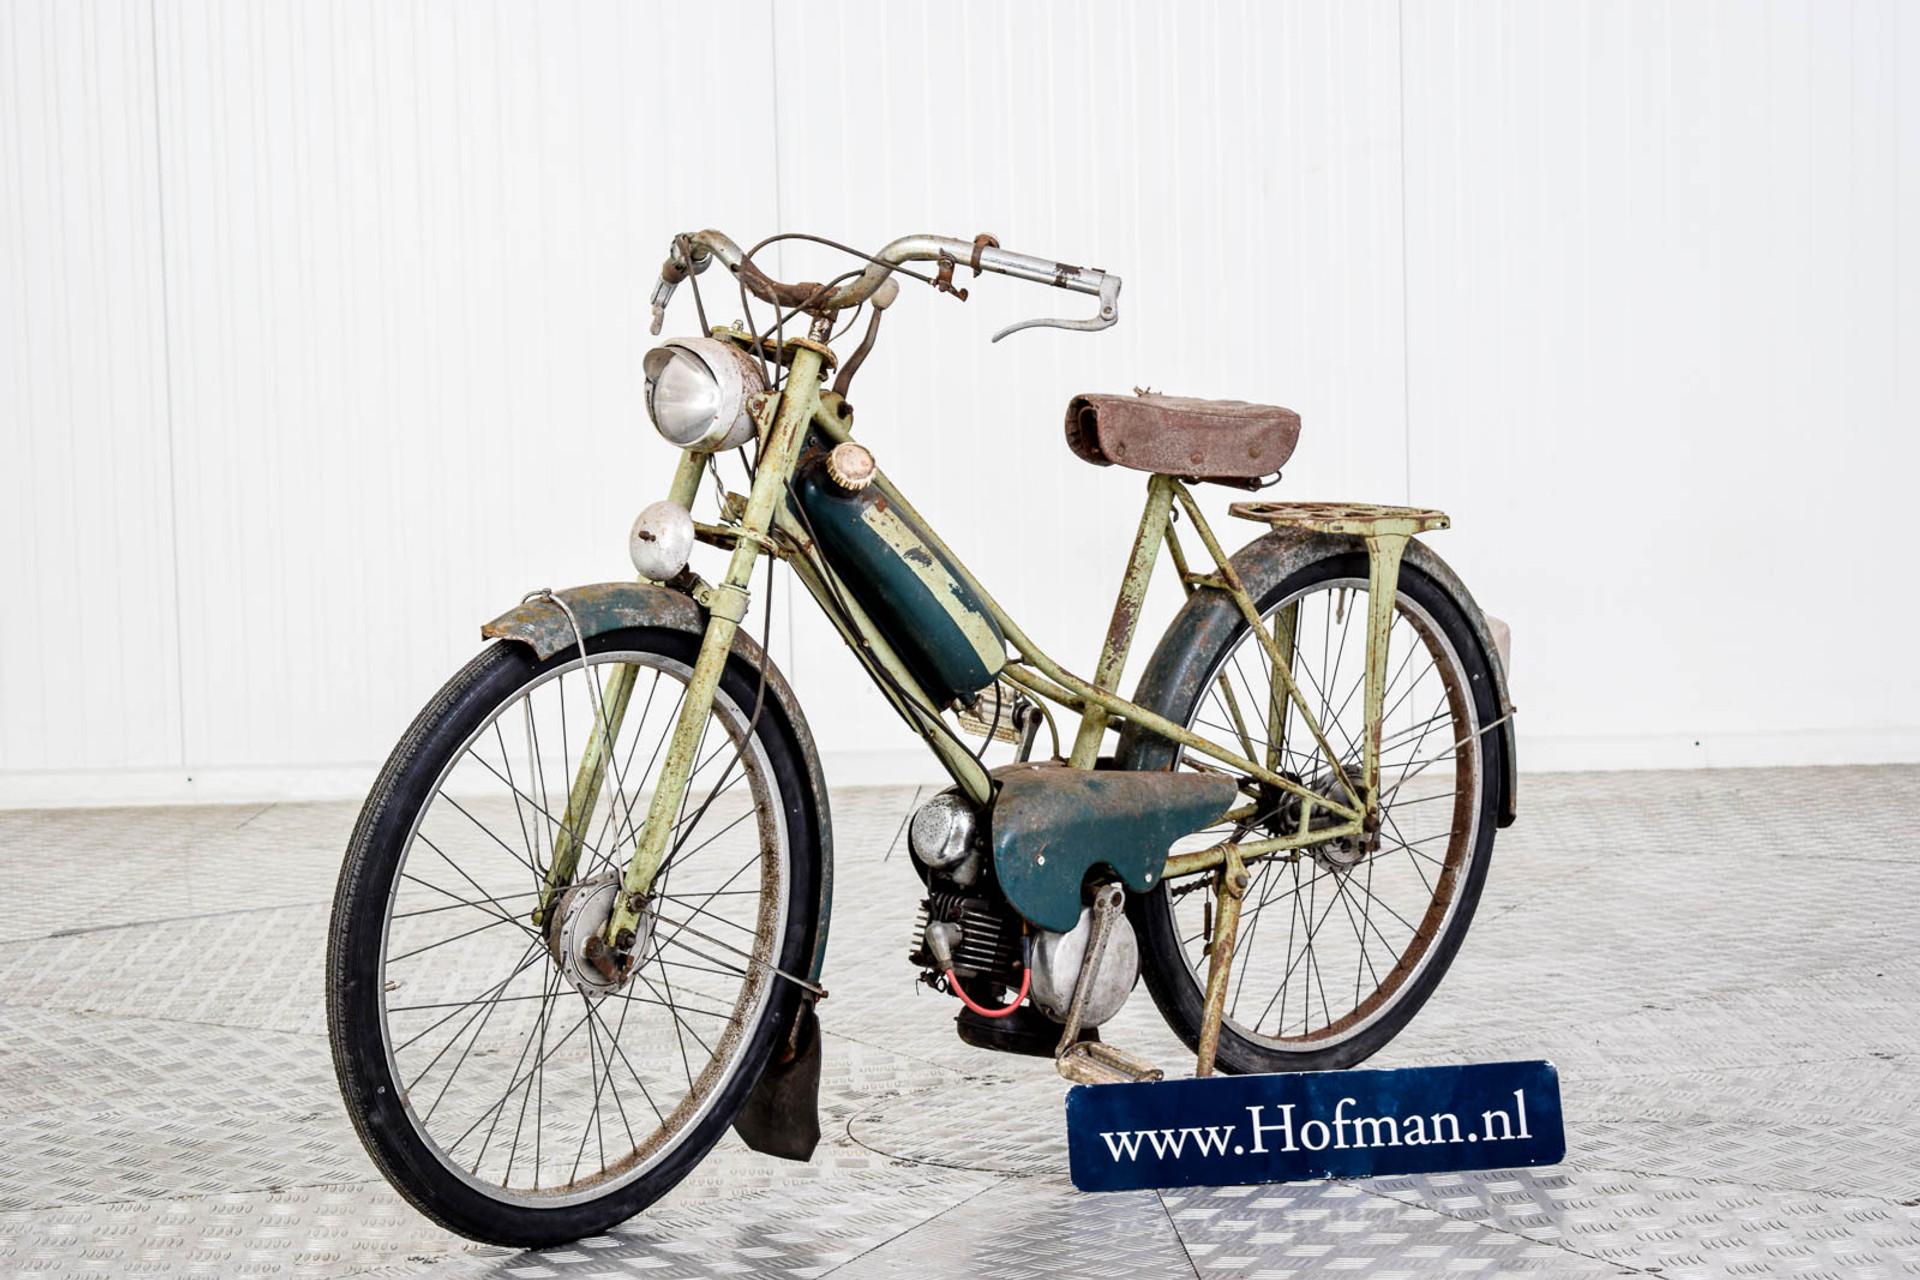 1950 モビレット